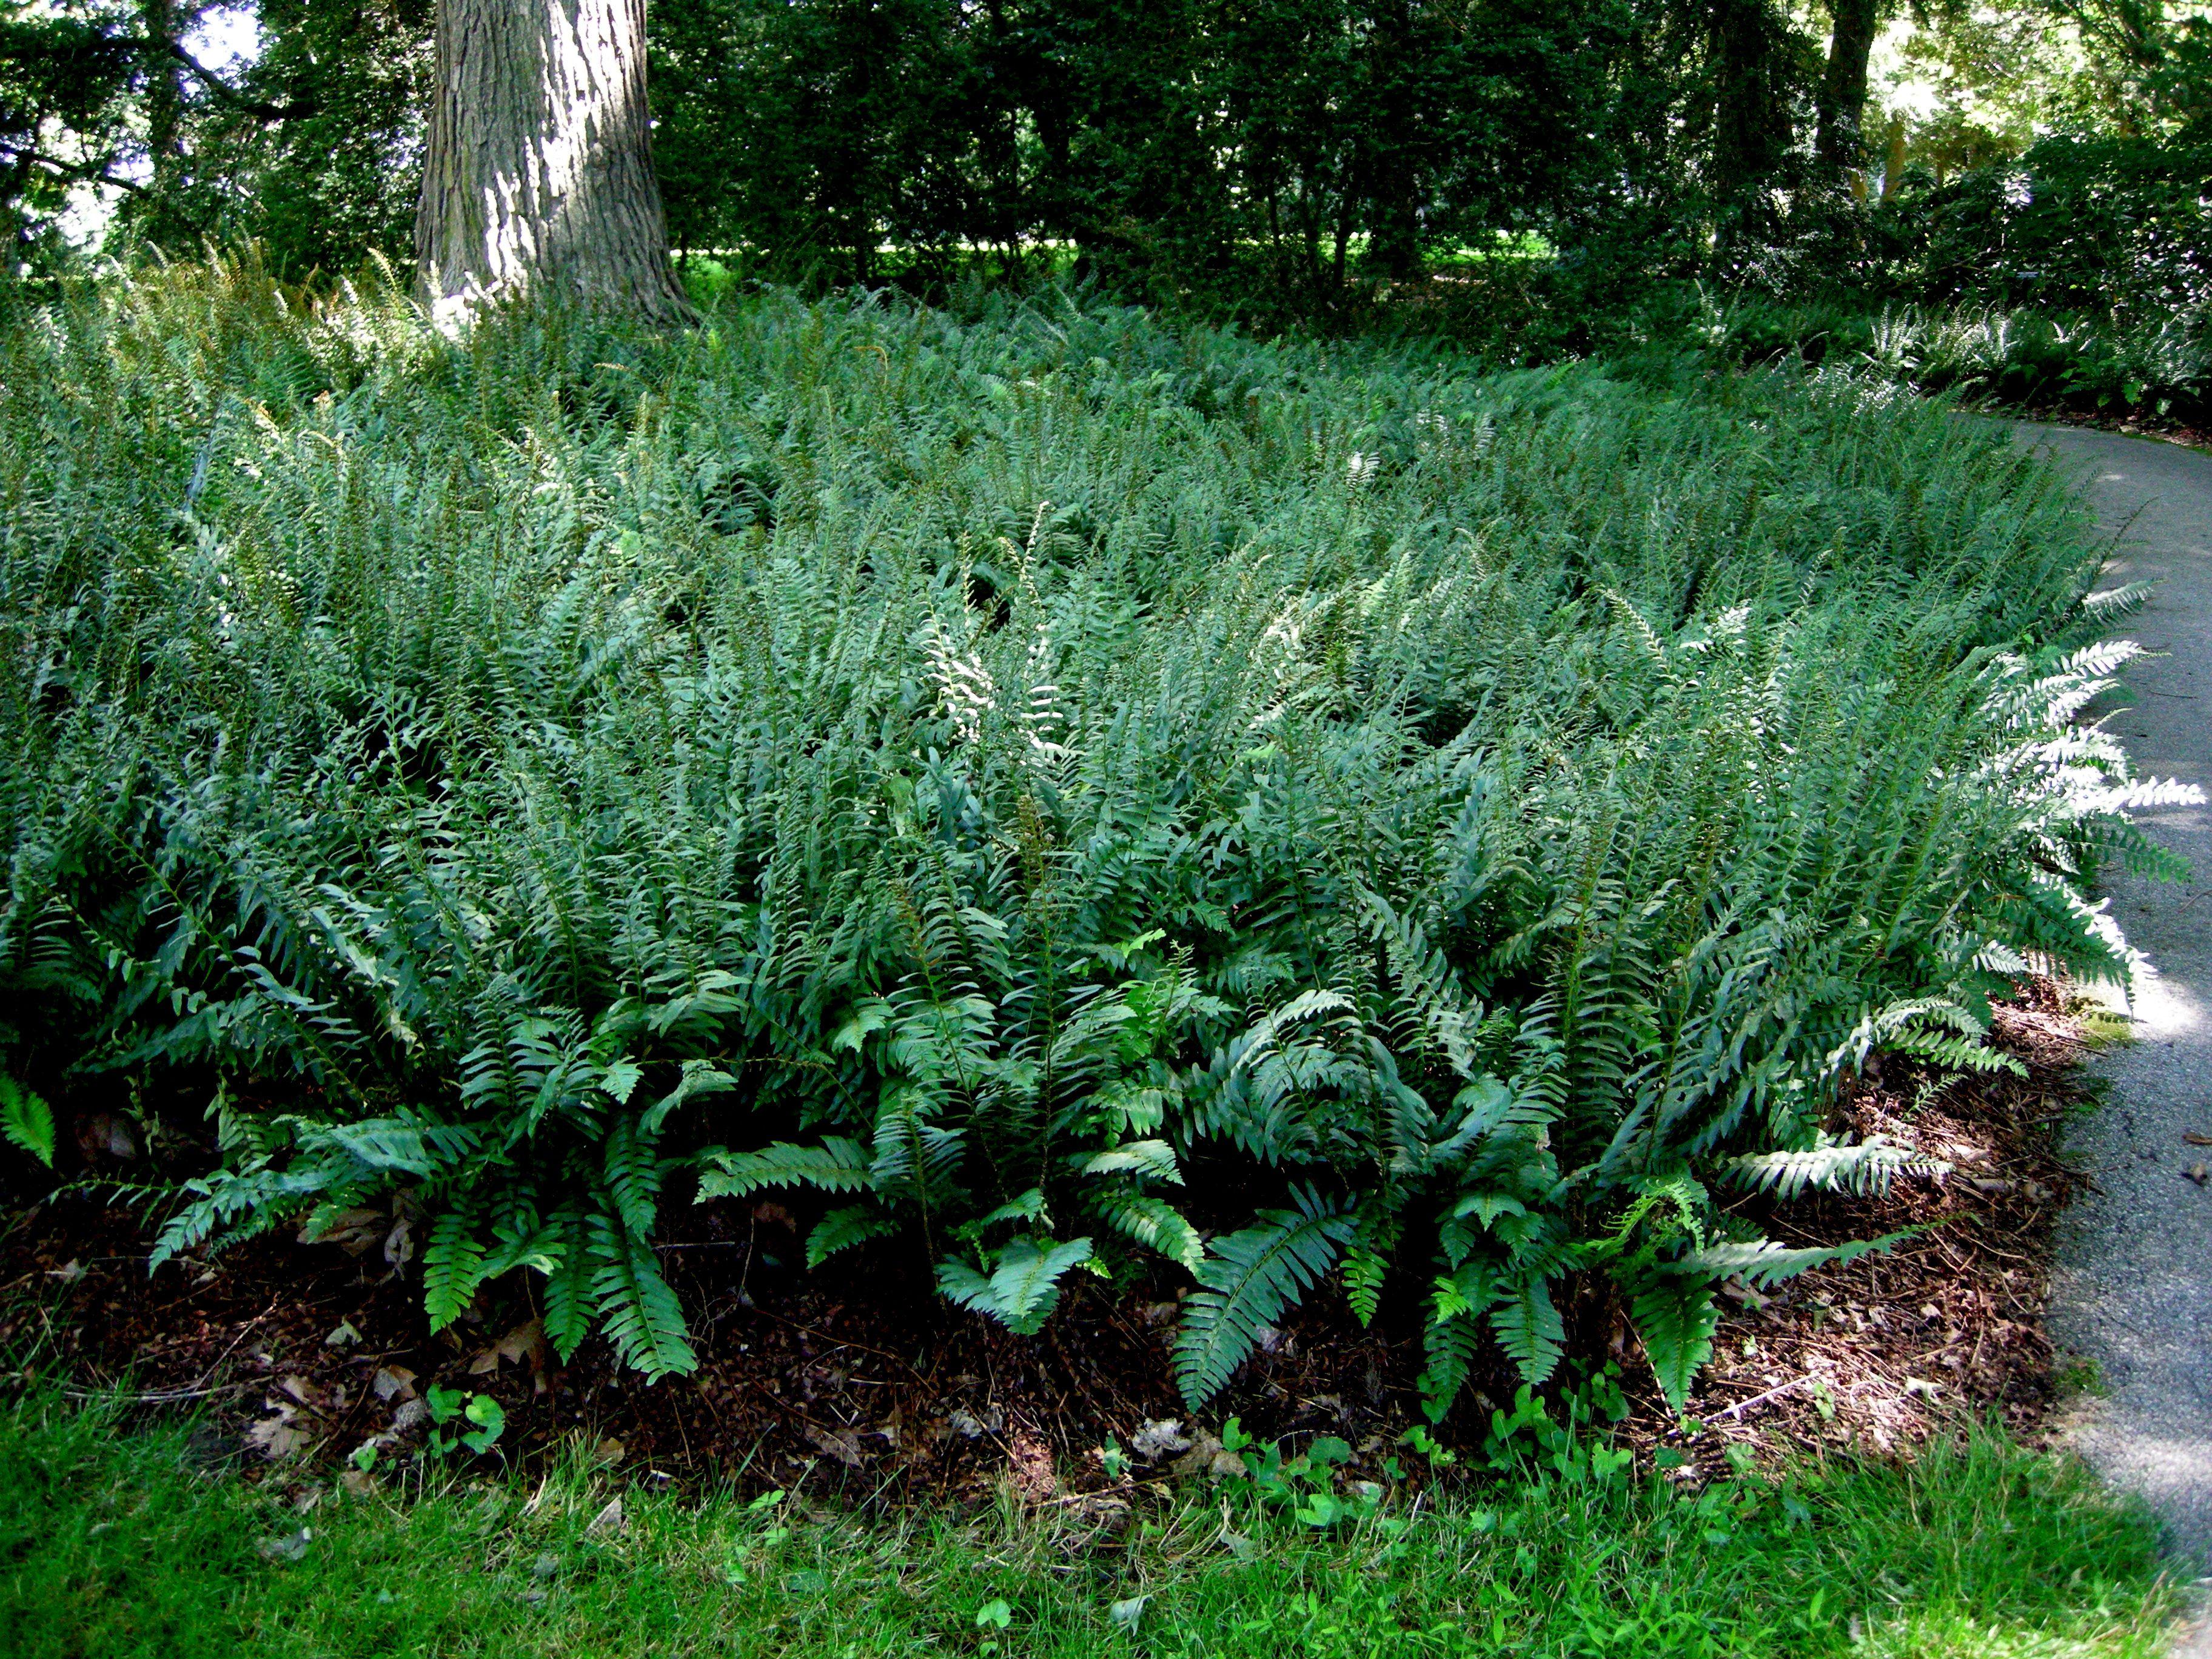 Polystichum Acrostichoides (Christmas Fern)  A New England Native Fern